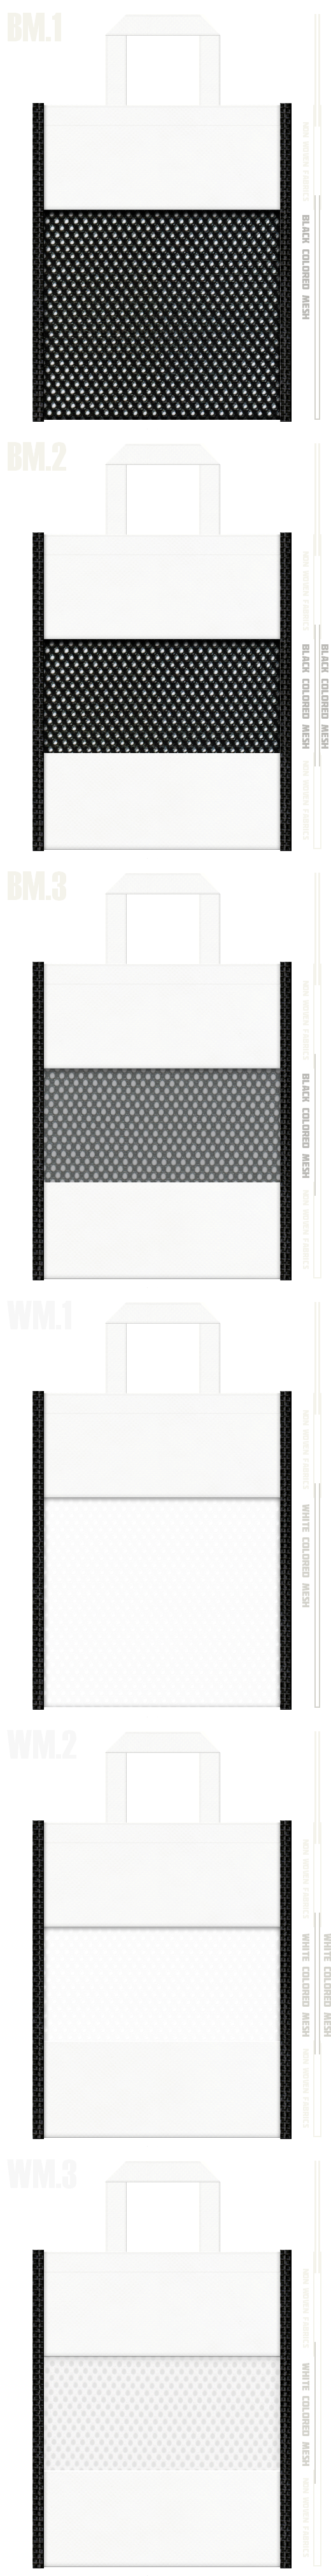 フラットタイプのメッシュバッグのカラーシミュレーション:黒色・白色メッシュとオフホワイト色不織布の組み合わせ